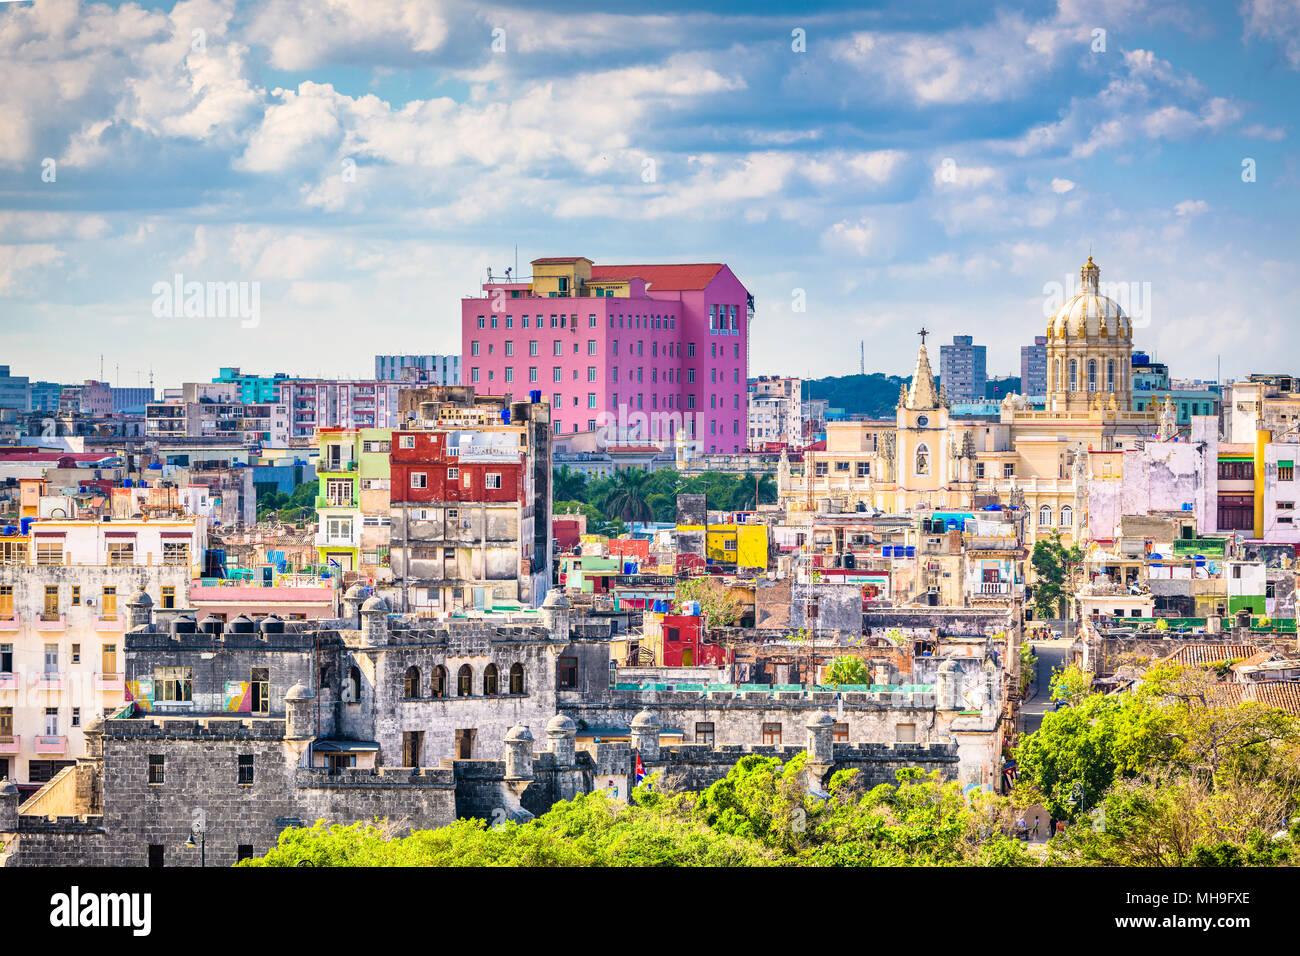 Havana, Cuba downtown skyline. - Stock Image